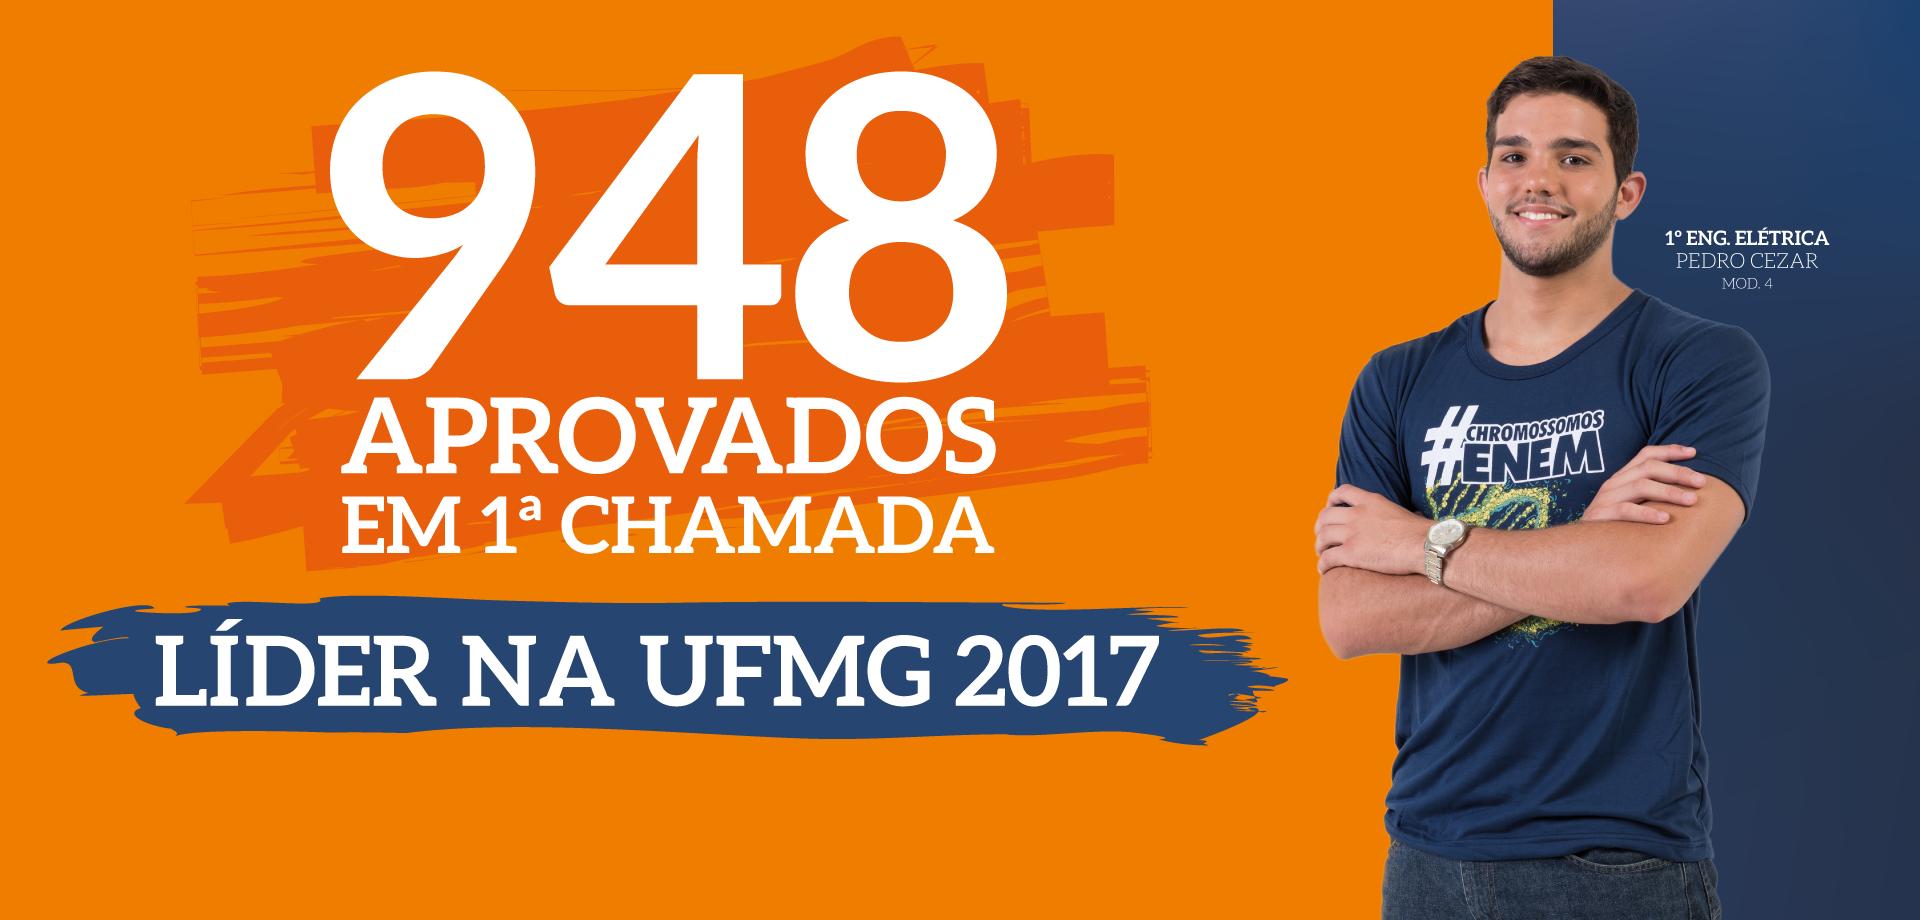 Capas - HOME - Aprovados 2017_total